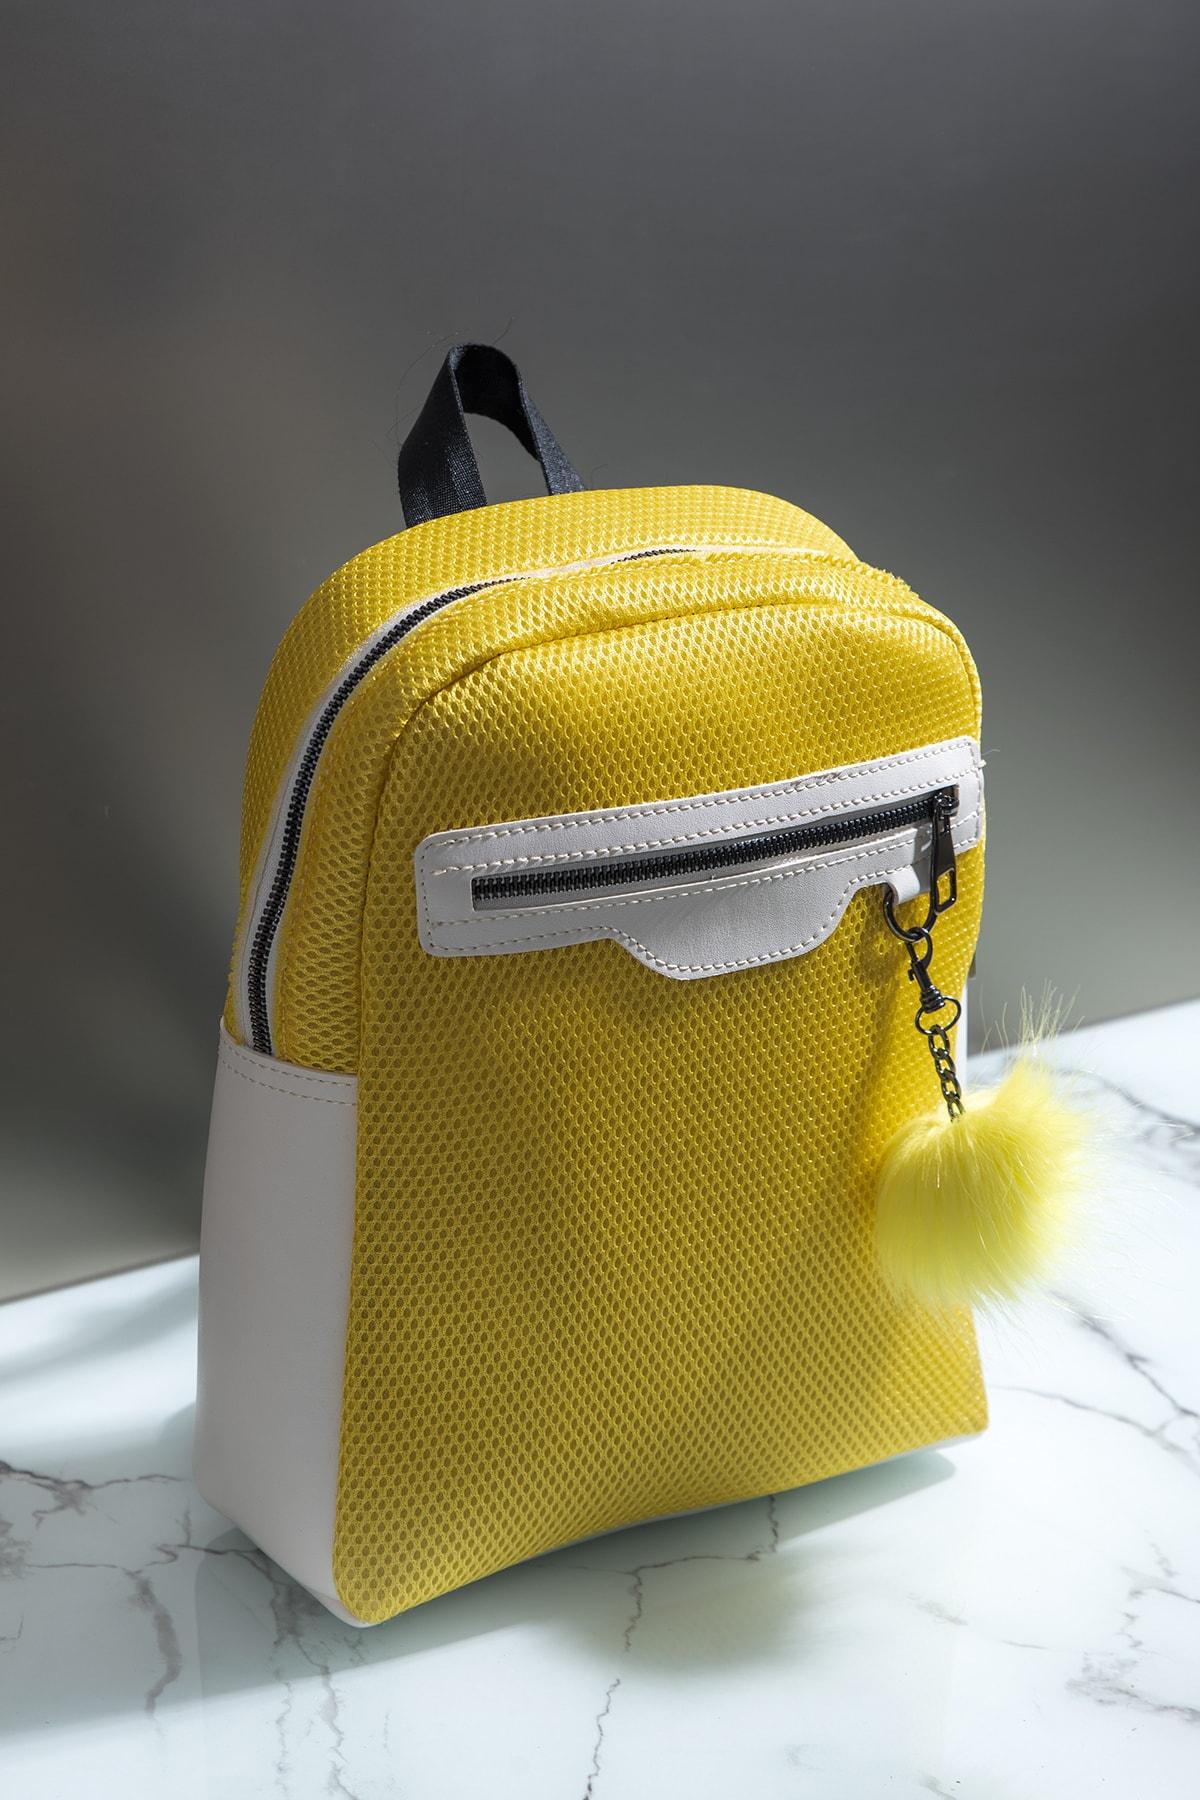 Tonny Black Kadın Çanta Sarı Beyaz Tbc03 1